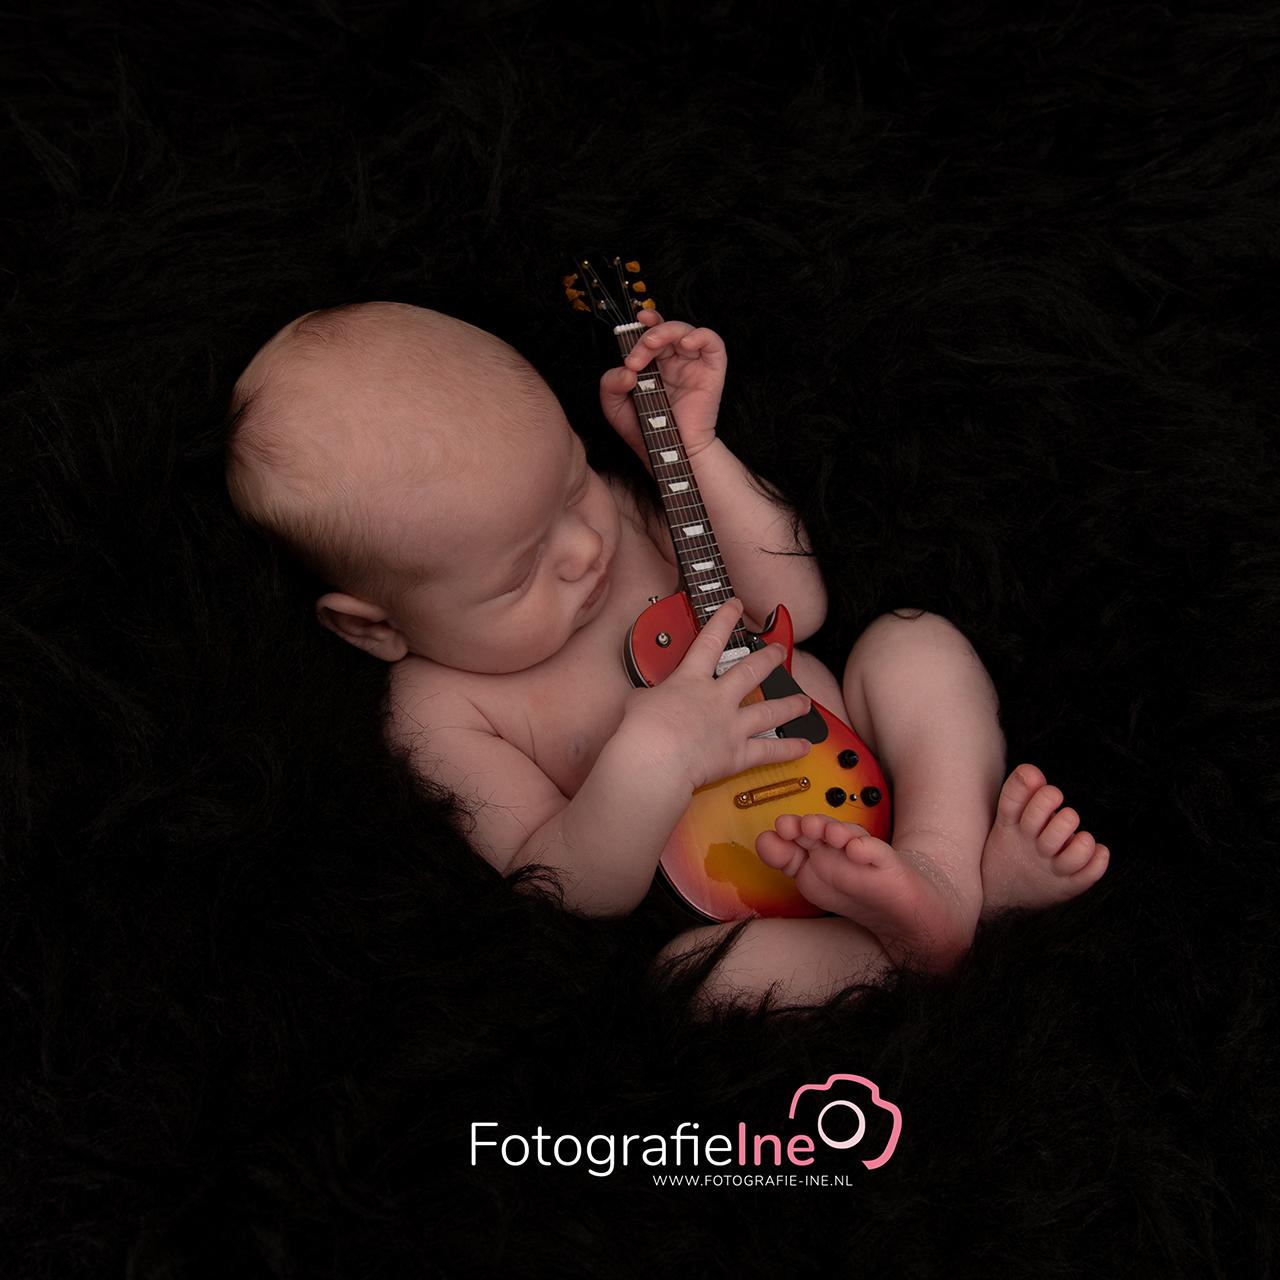 Fotografie Ine newborn baby houdt gitaar vast